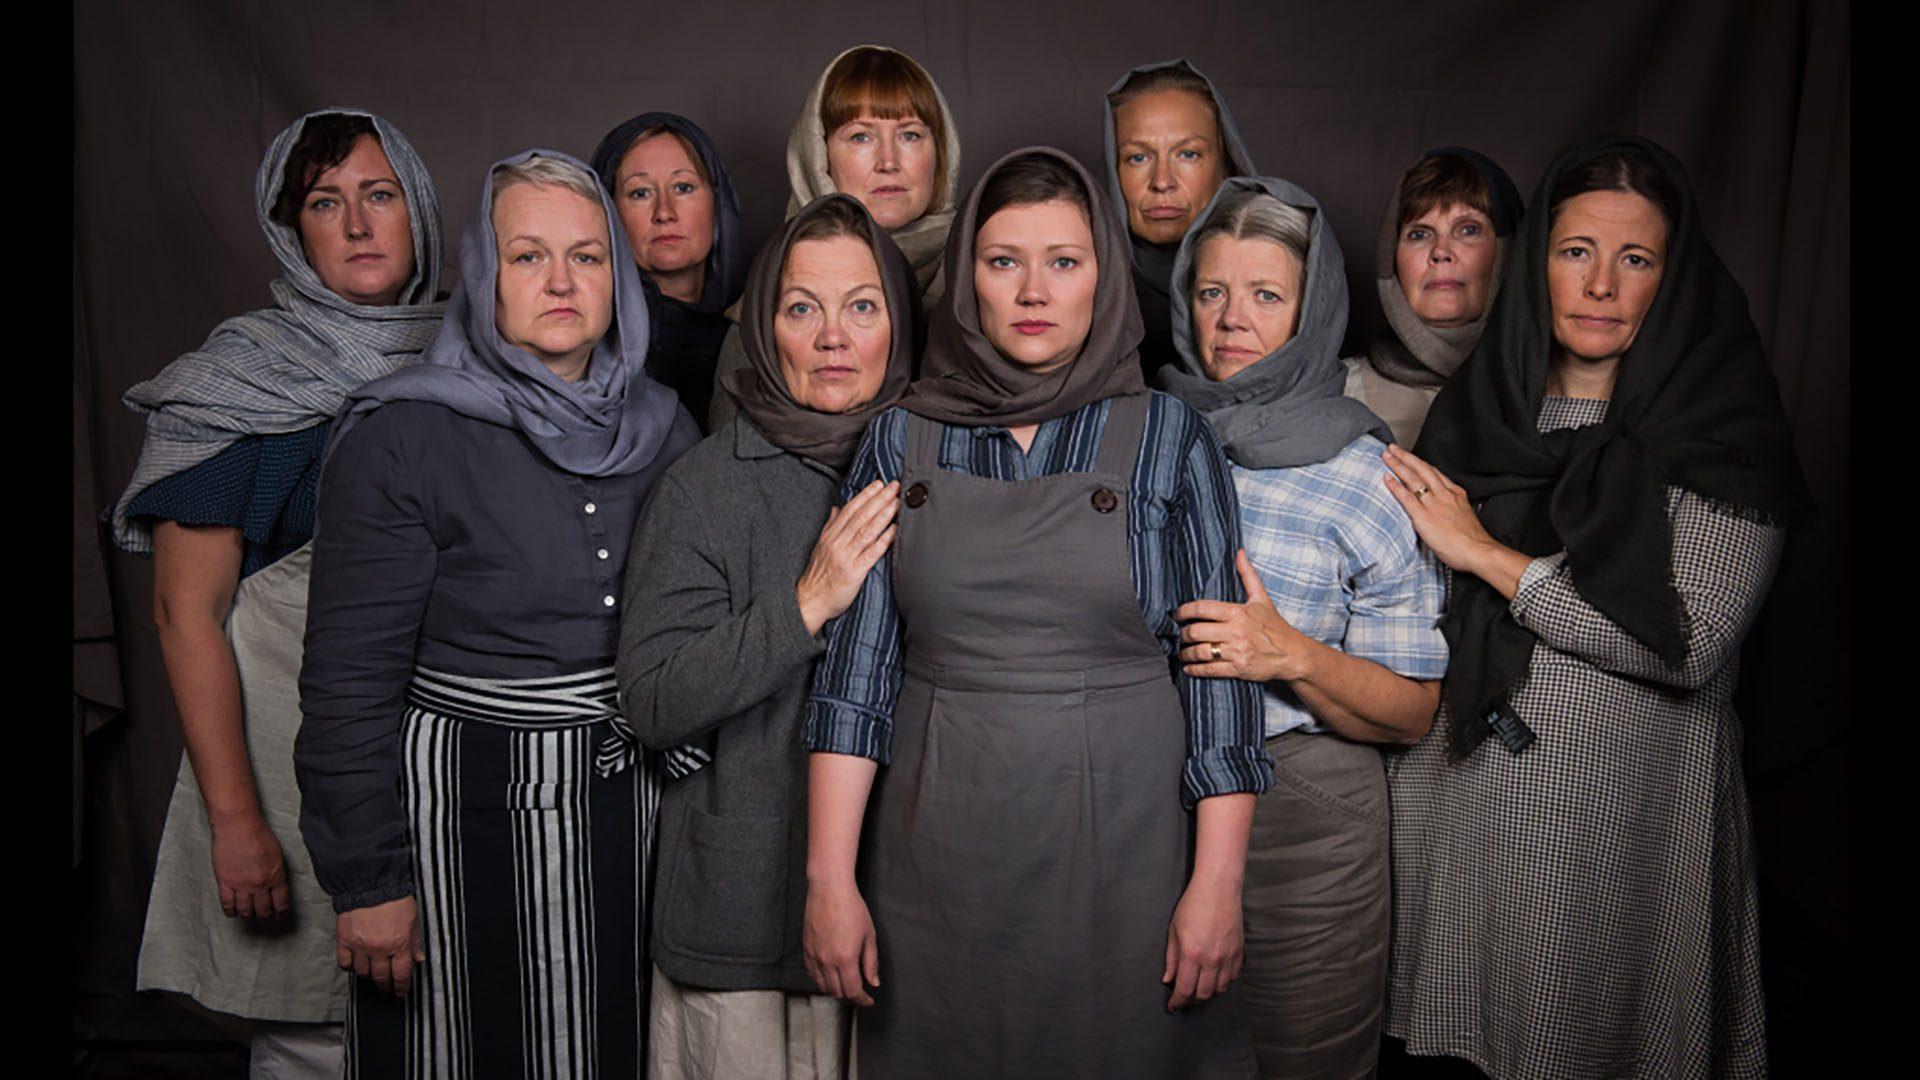 karelen kart Karelen, Karelen – En konsertberättelse om flykt och livslång  karelen kart